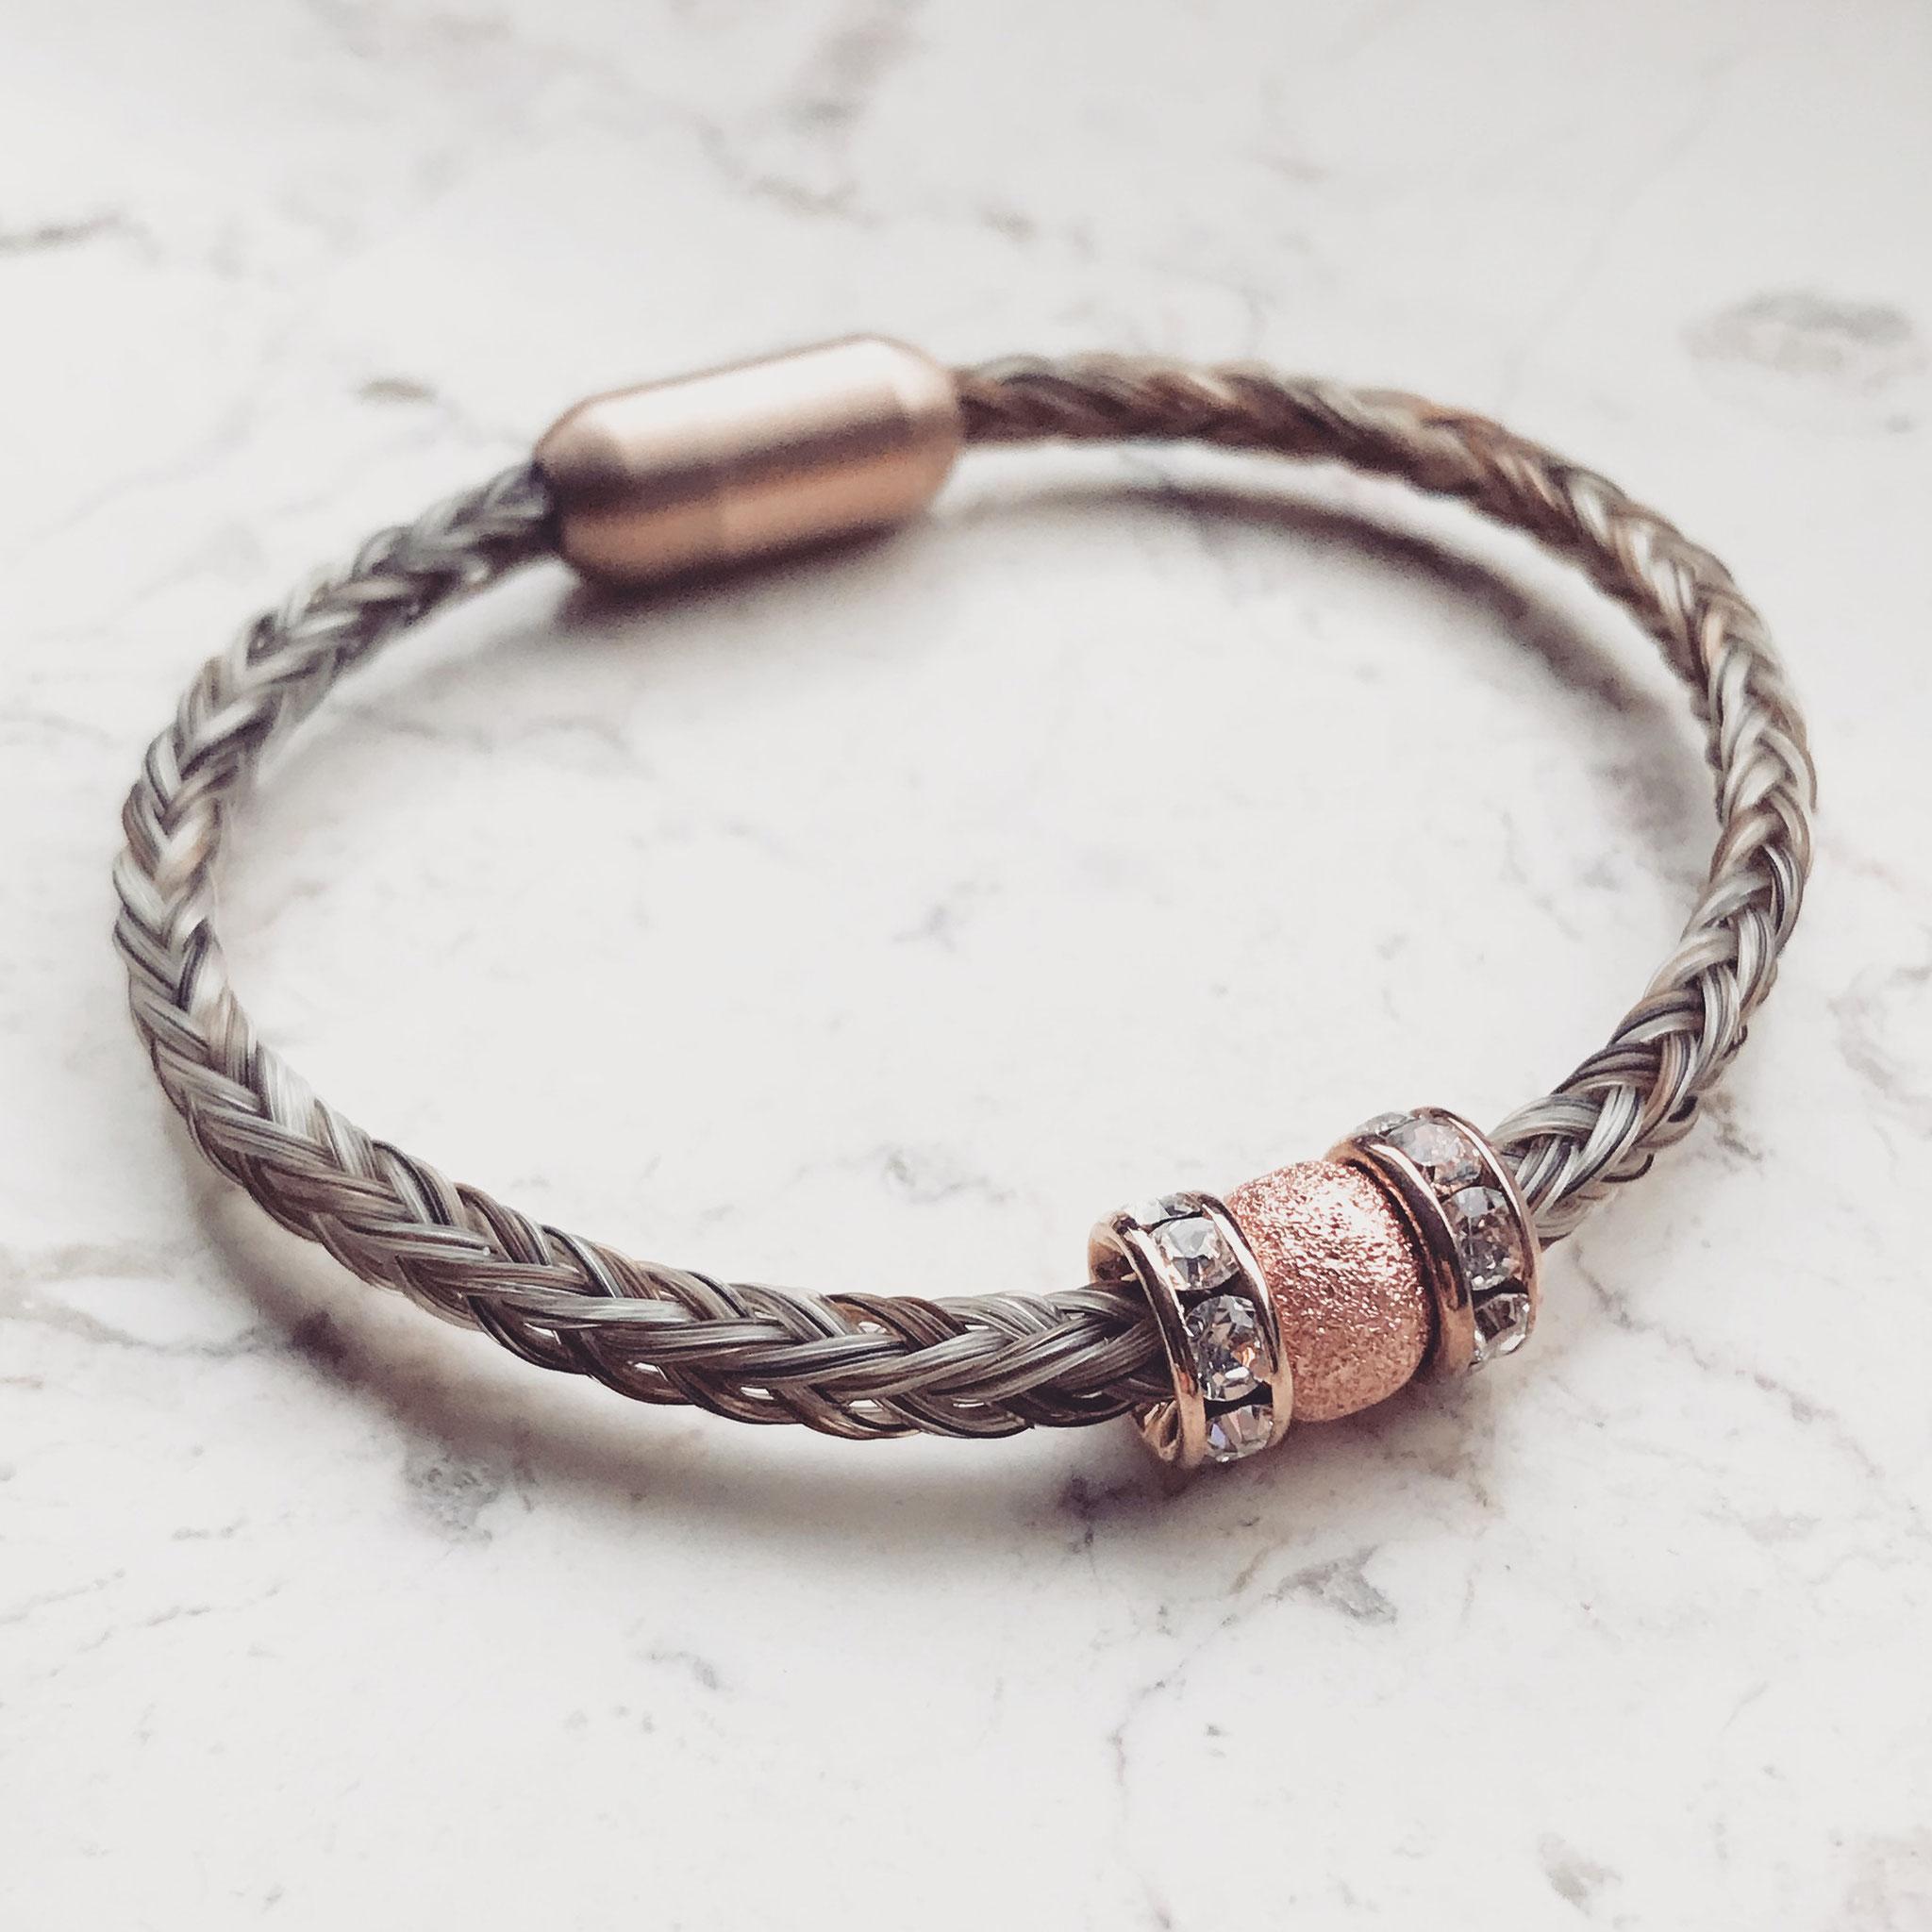 Armband, 8-fach eckig geflochten mit Edelstahl Magnetverschluss und rosé Perlen.